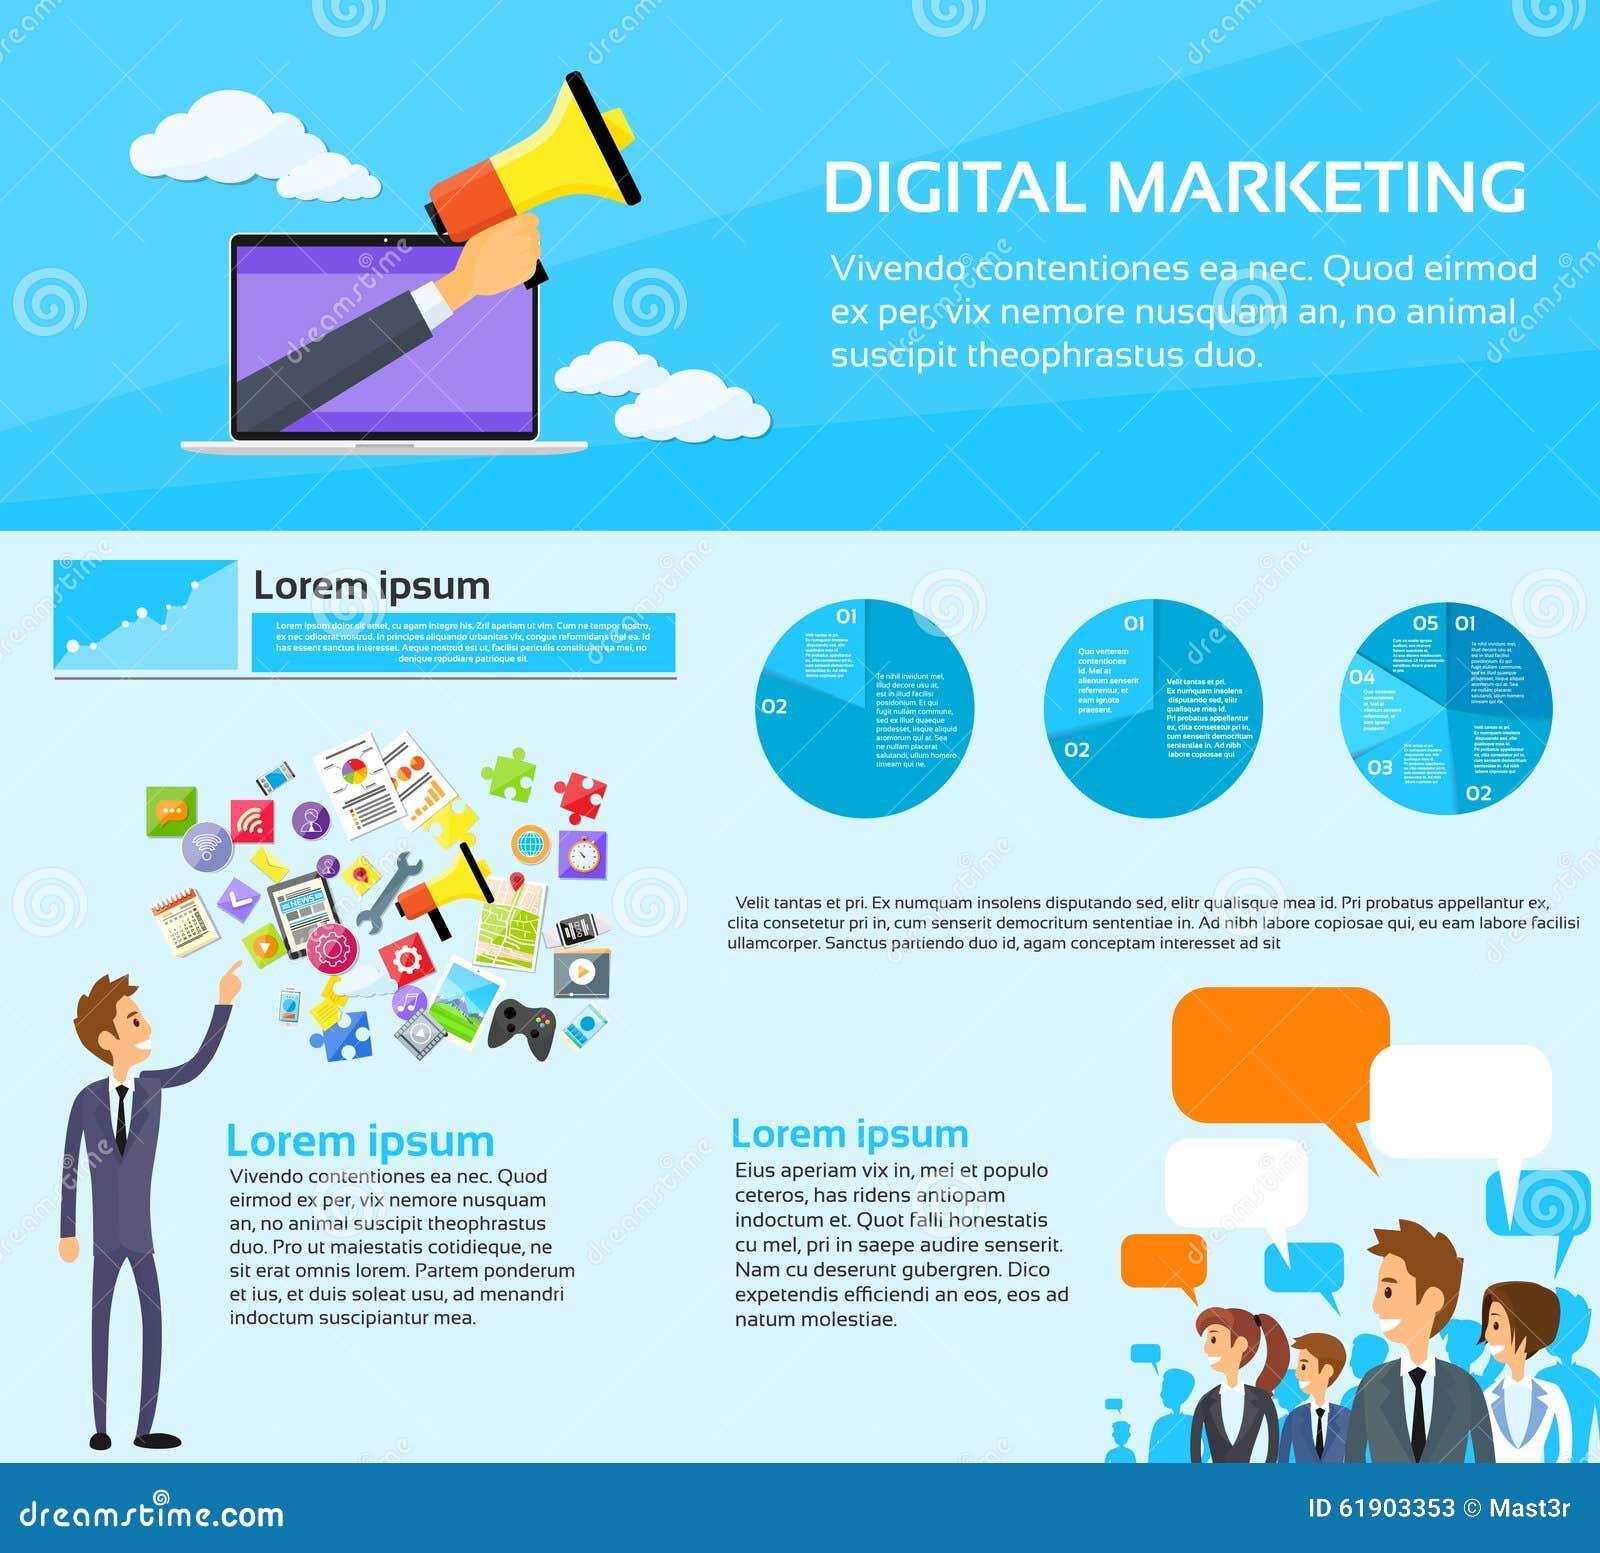 Digital-Marketing-Leute-Gruppen-Social Media